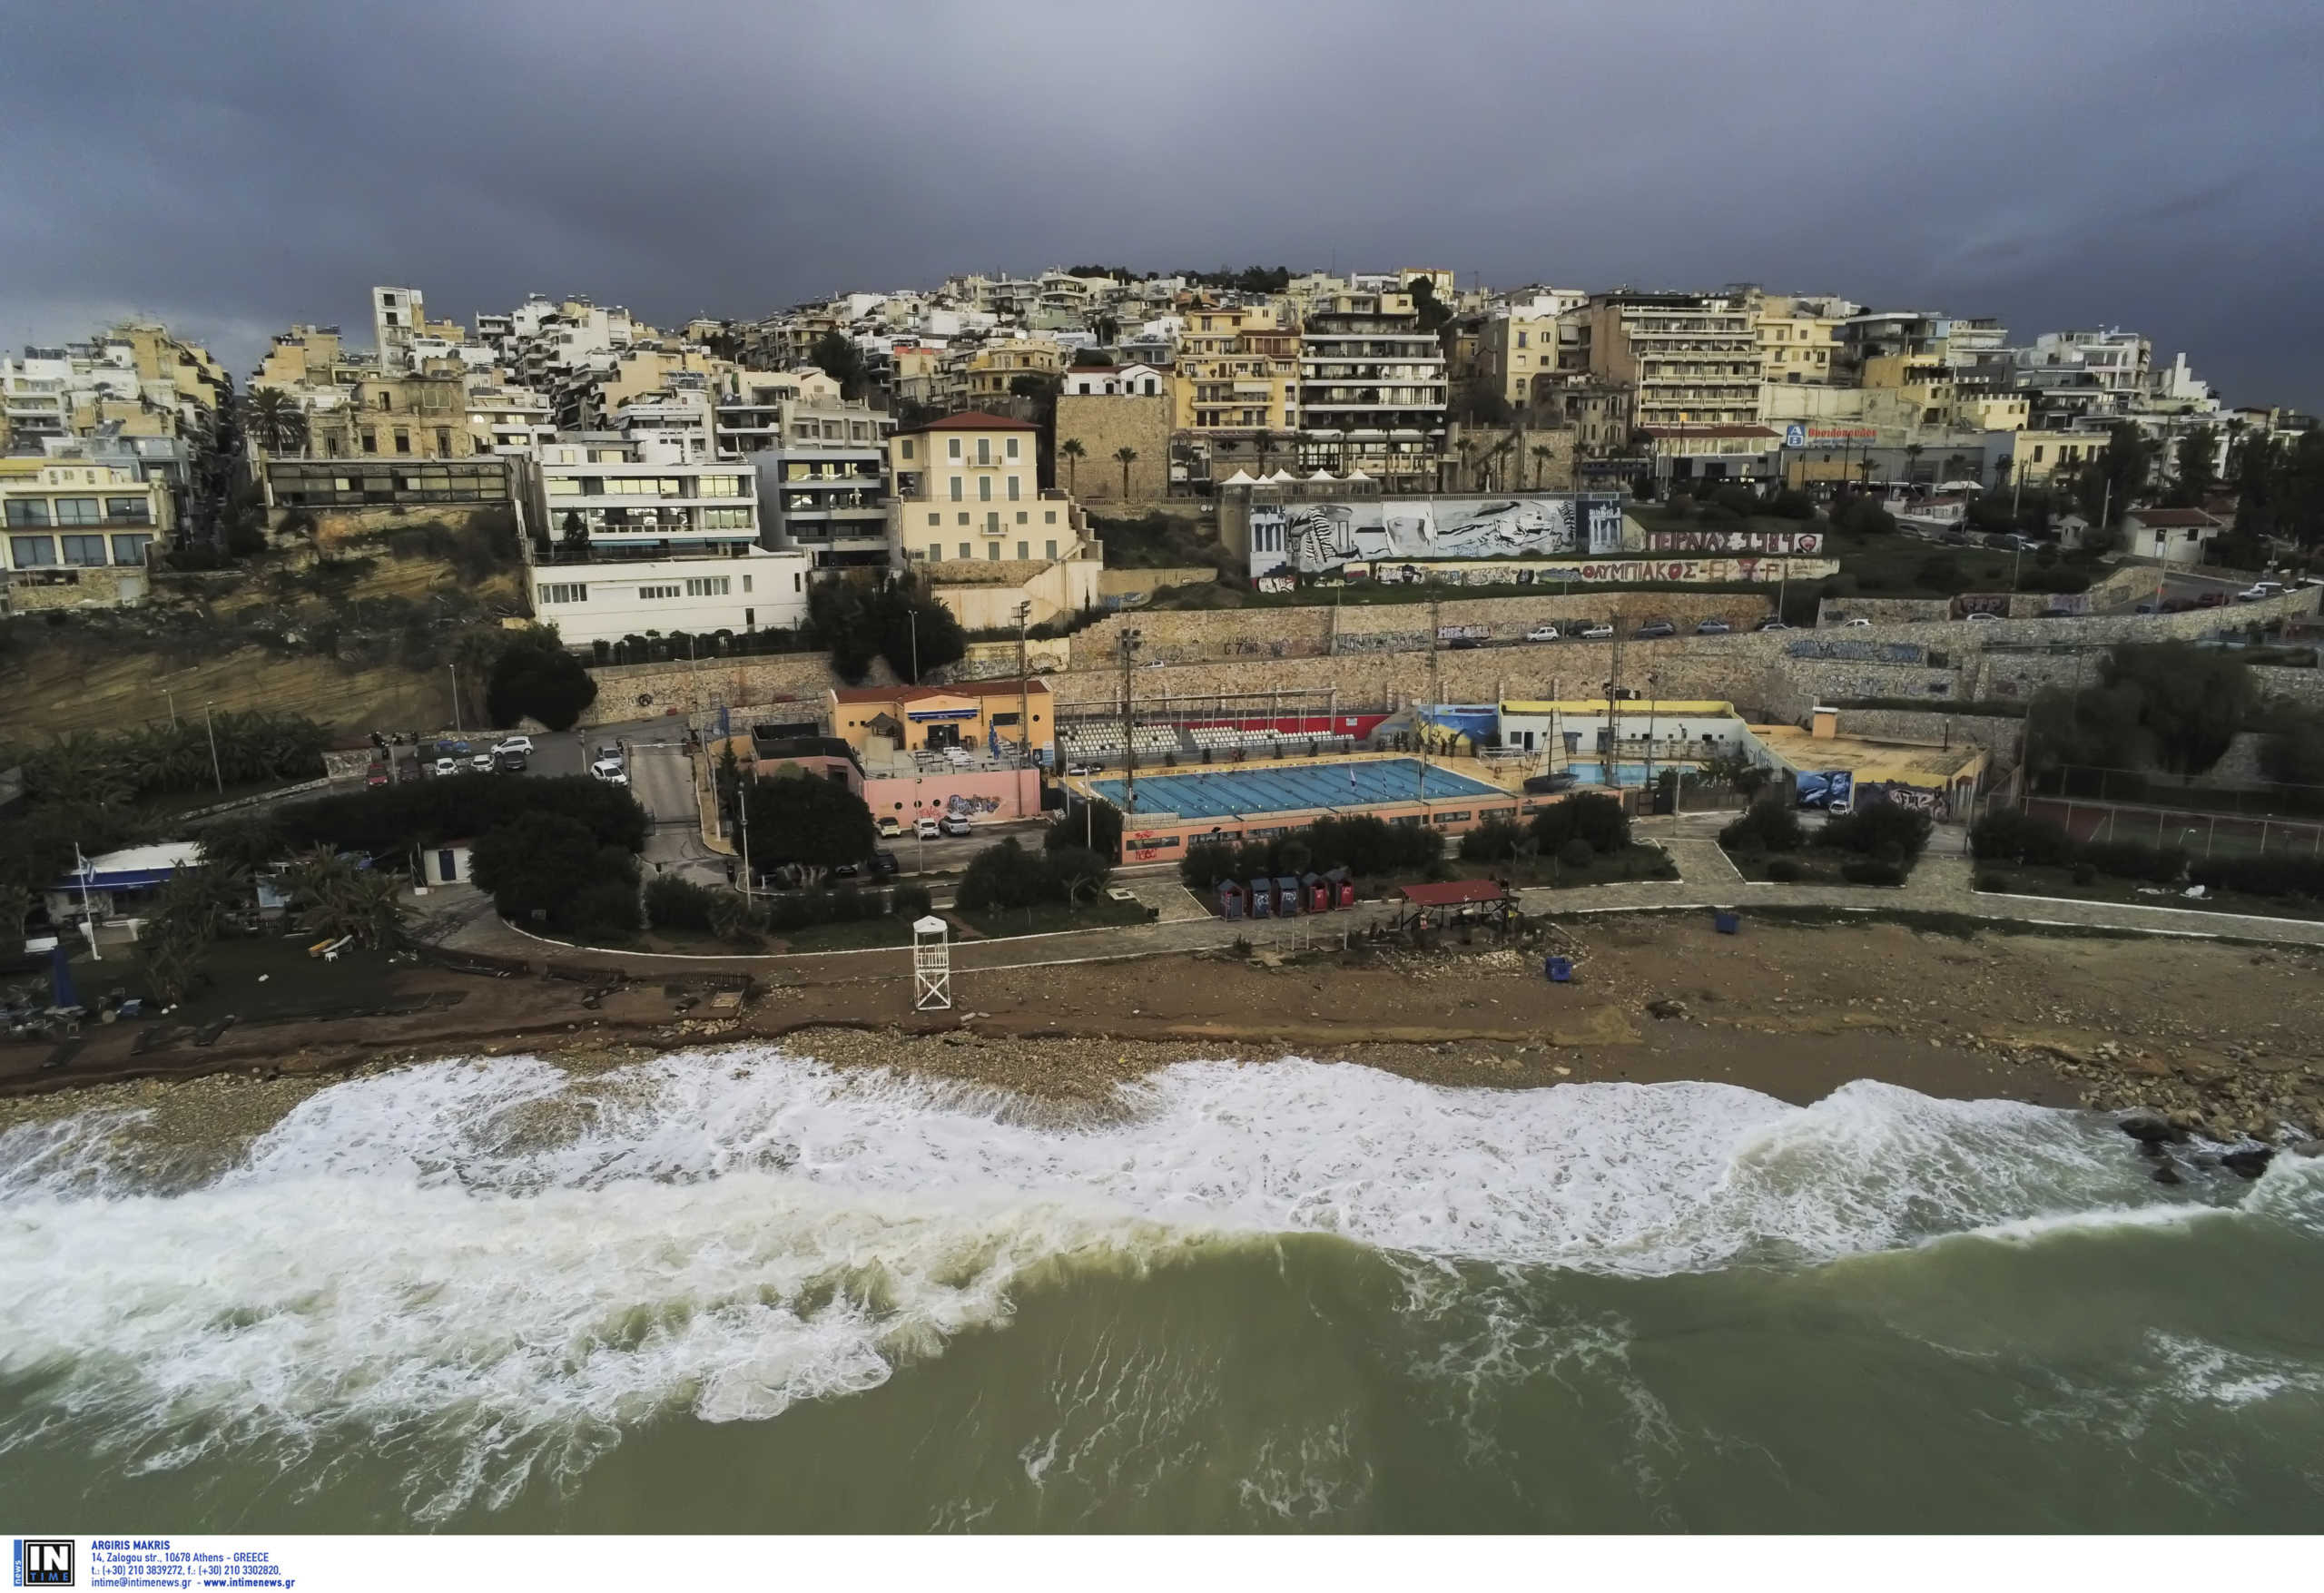 Καιρός: Άνοδος της θερμοκρασίας με τοπικές βροχές και πολλά μποφόρ